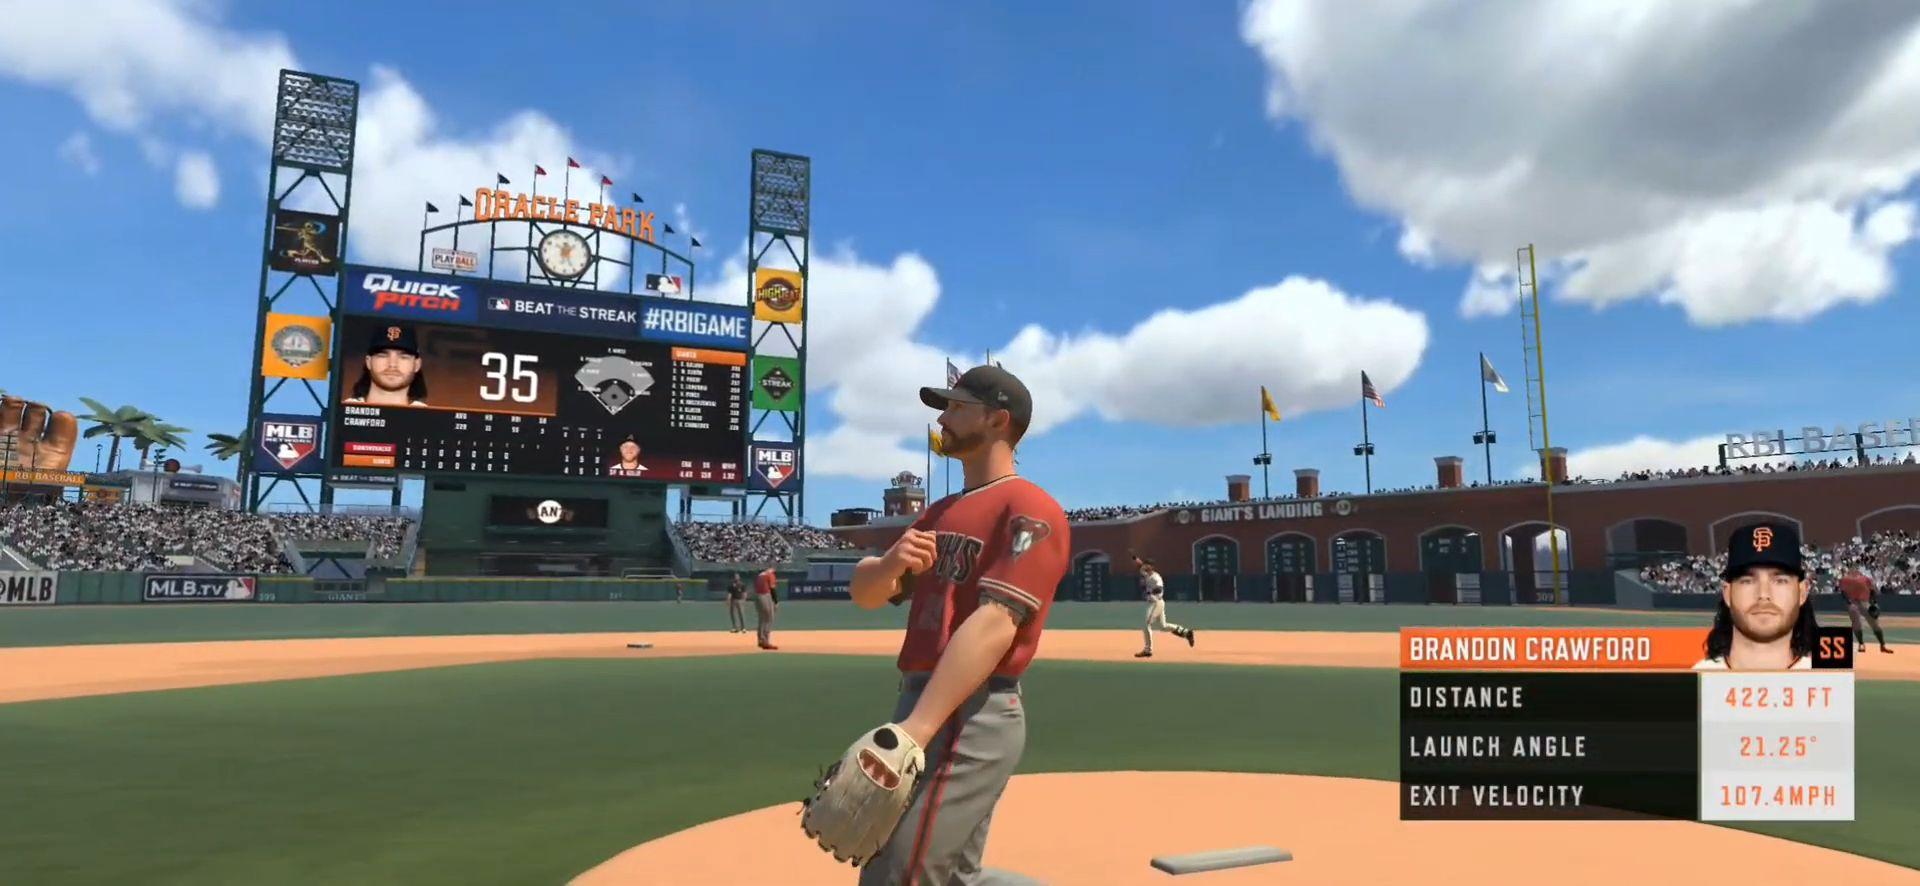 R.B.I. Baseball 20 スクリーンショット1